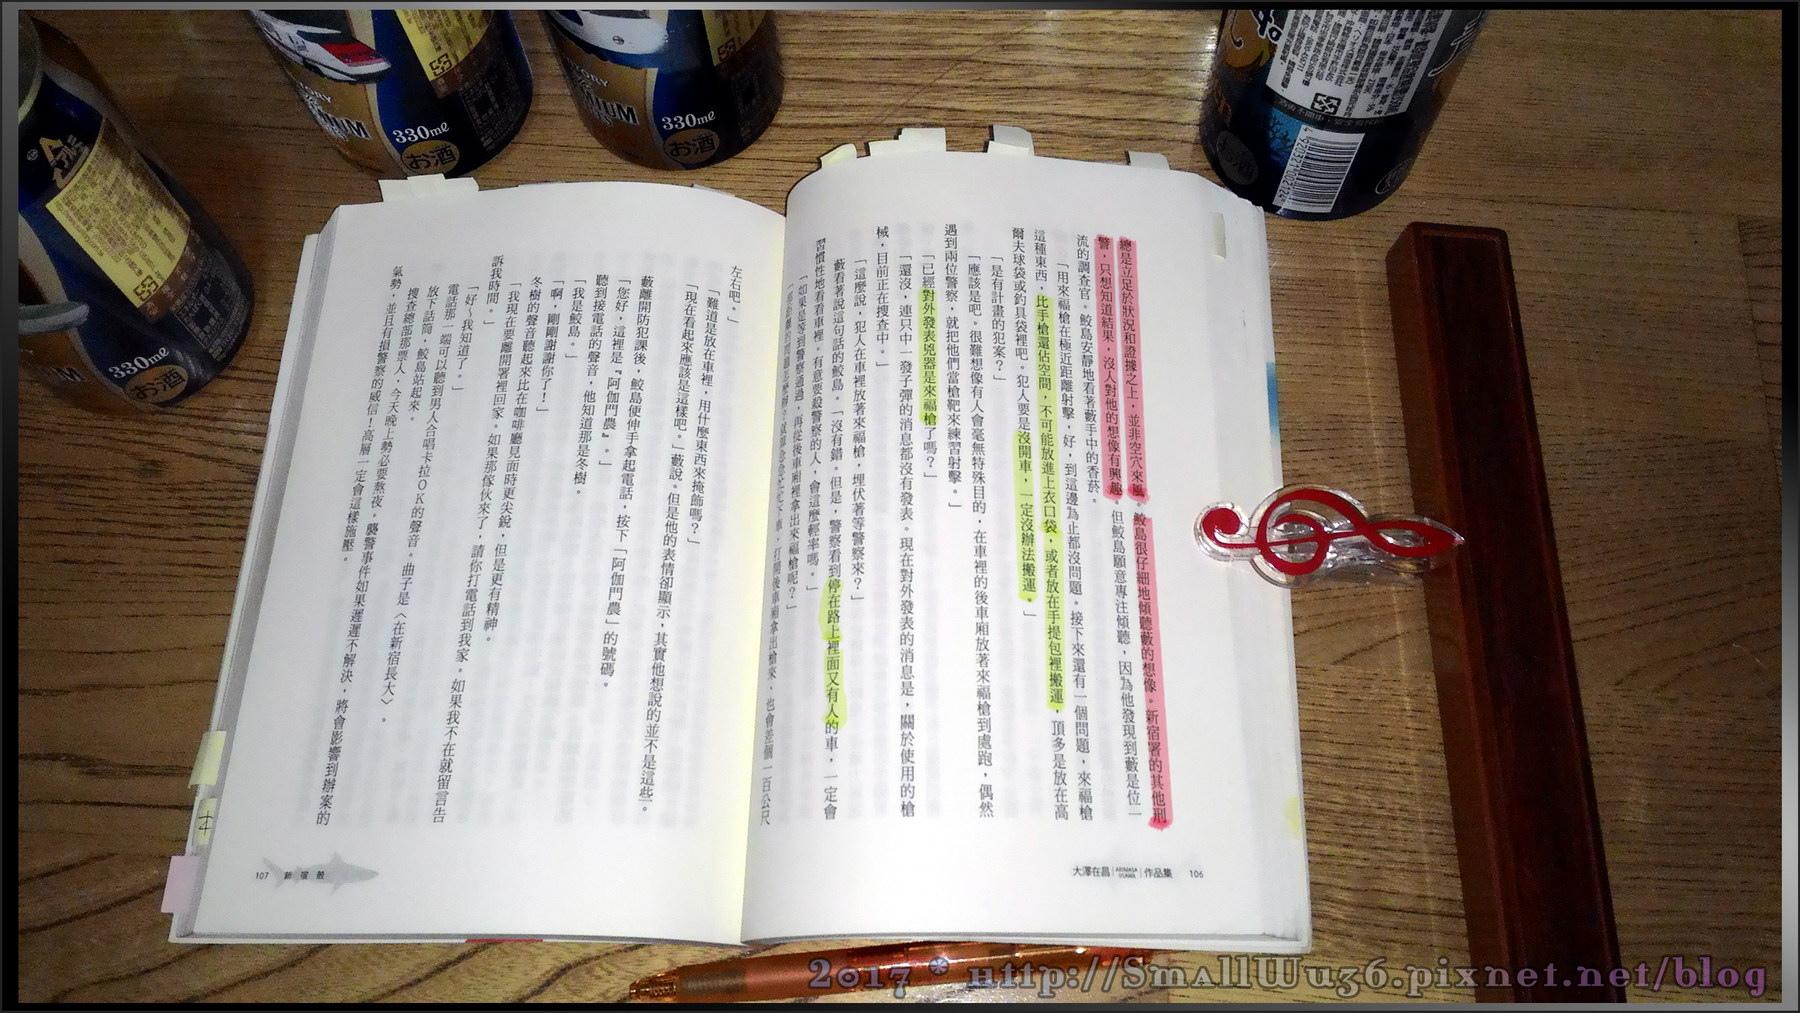 [小說感想] 大澤在昌(大沢在昌)《新宿鮫》(新宿鮫系列1),皇冠文化-005.jpg